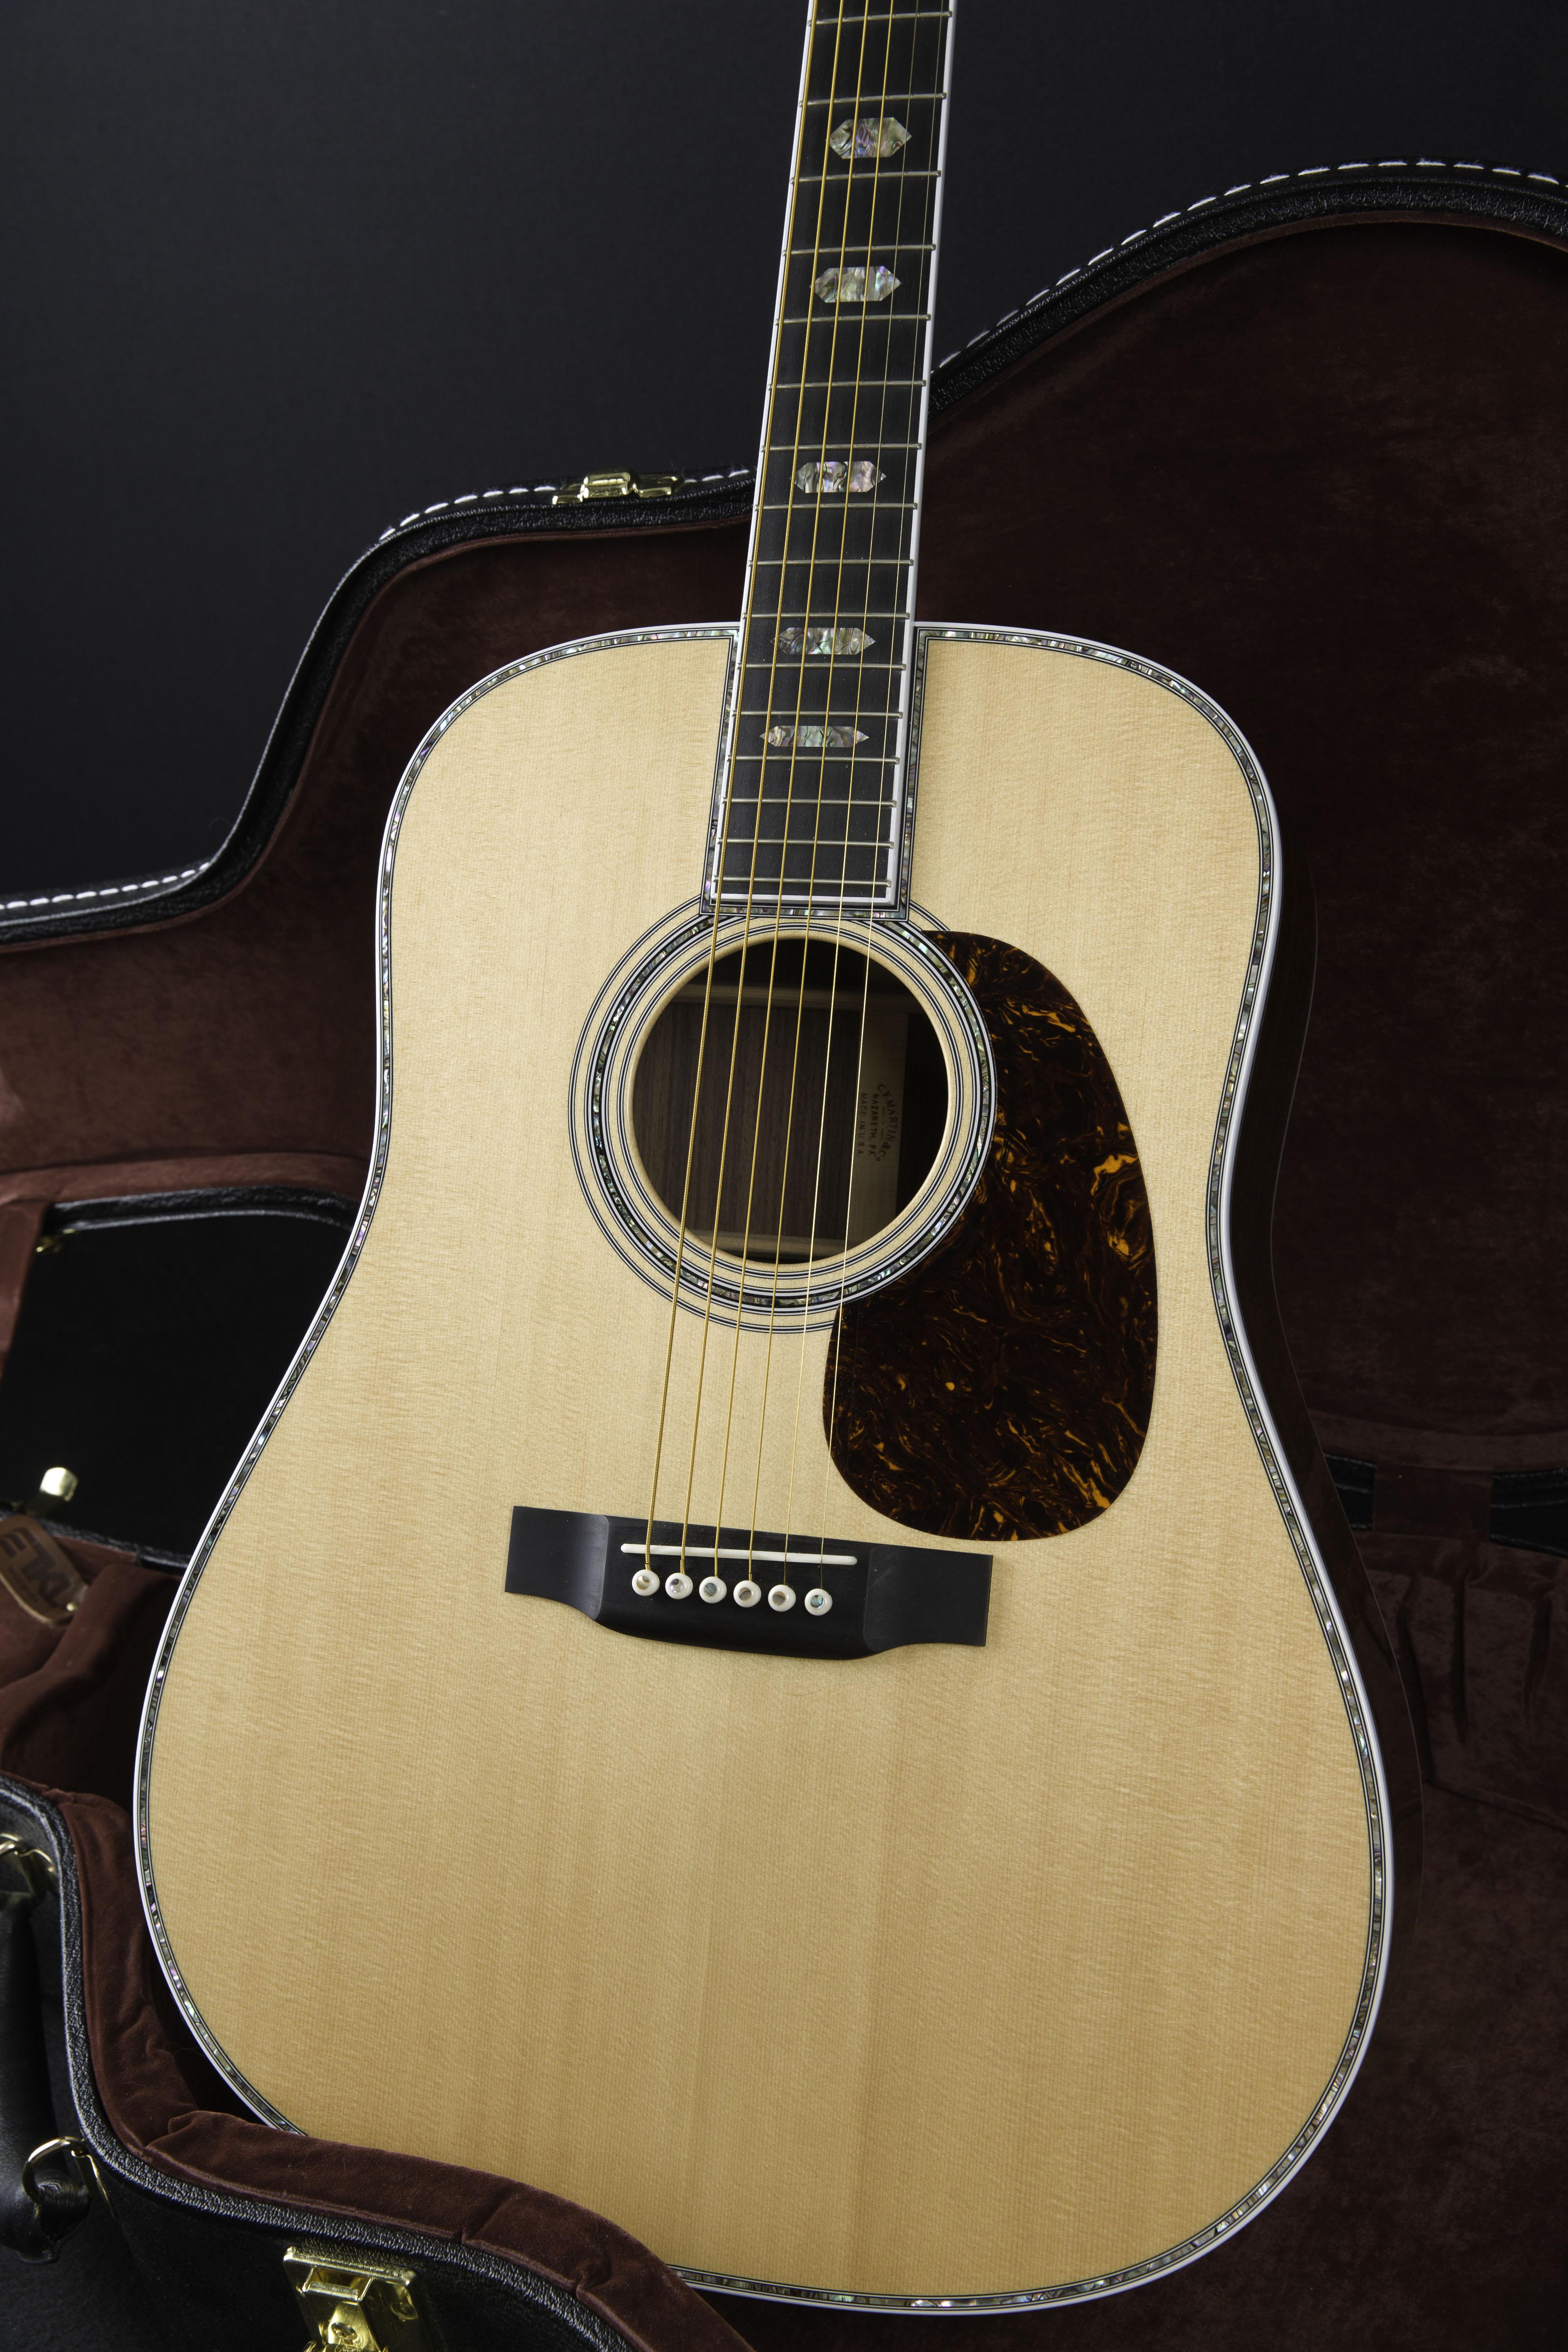 martin d45 2011 guitar for sale b b guitars. Black Bedroom Furniture Sets. Home Design Ideas